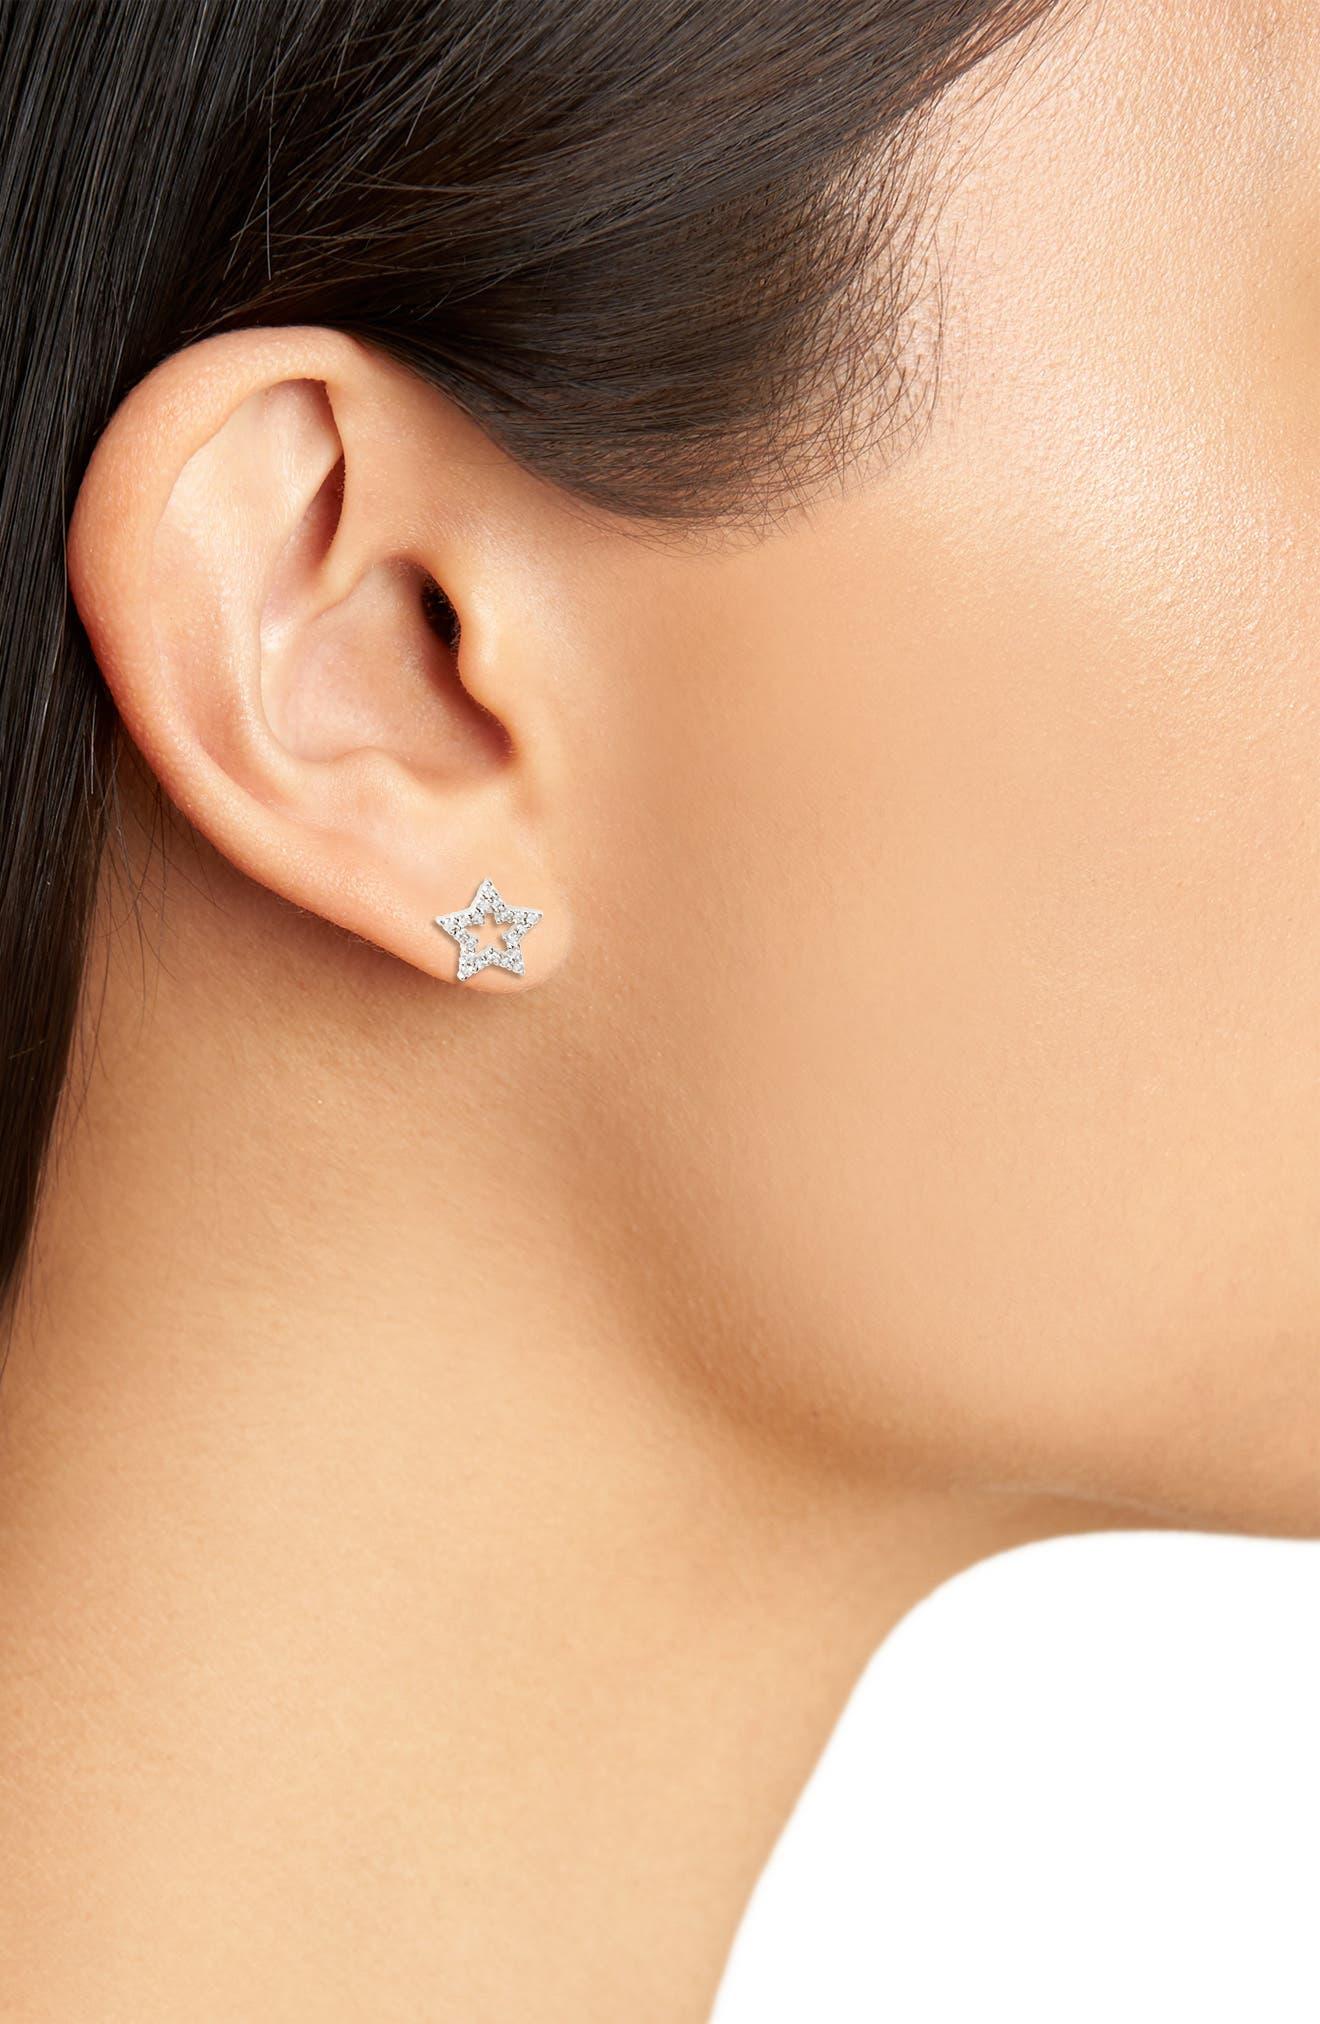 Diamond Star Stud Earrings,                             Alternate thumbnail 2, color,                             WHITE GOLD